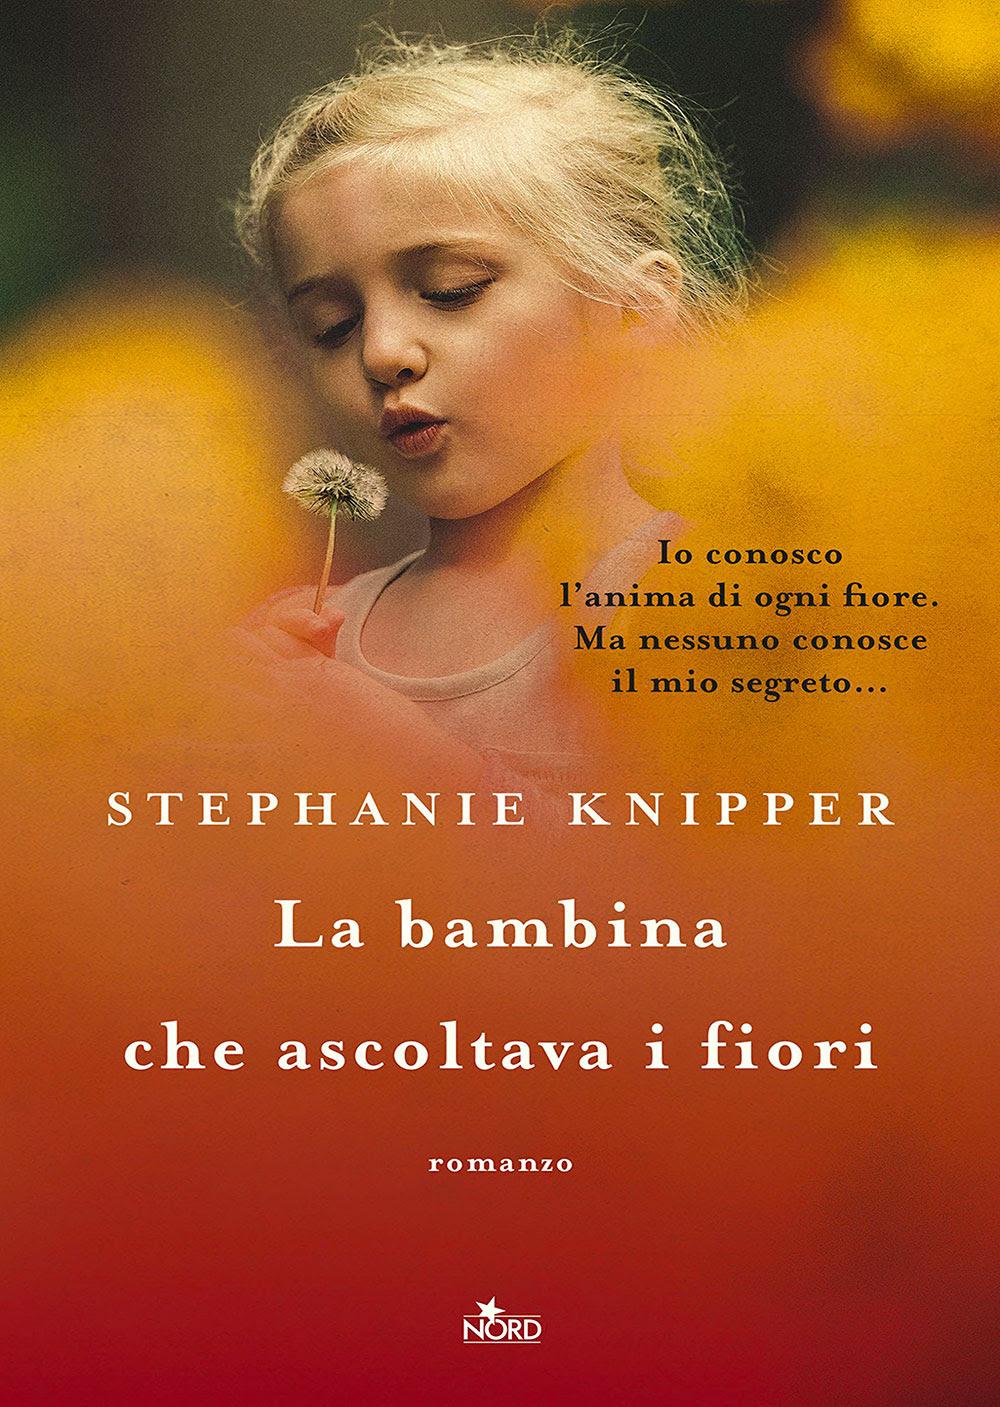 La bambina che ascoltava i fiori